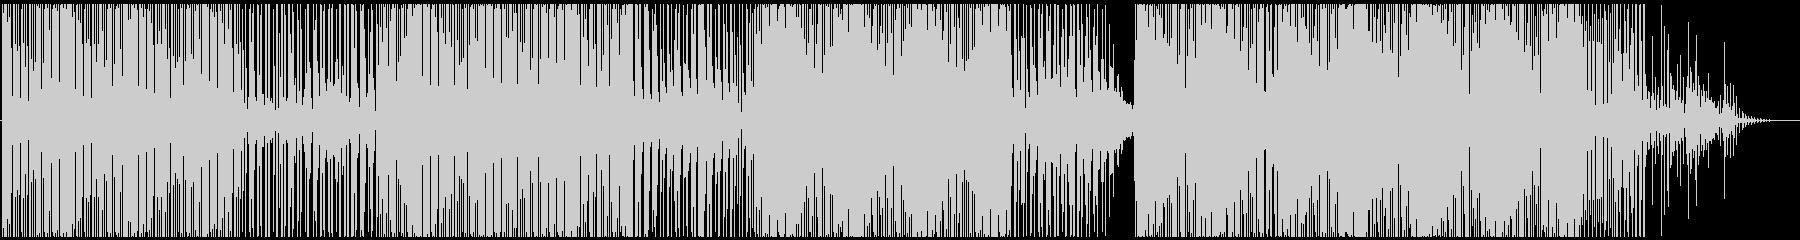 じっとり渋いテックハウス/ダブテクノの未再生の波形